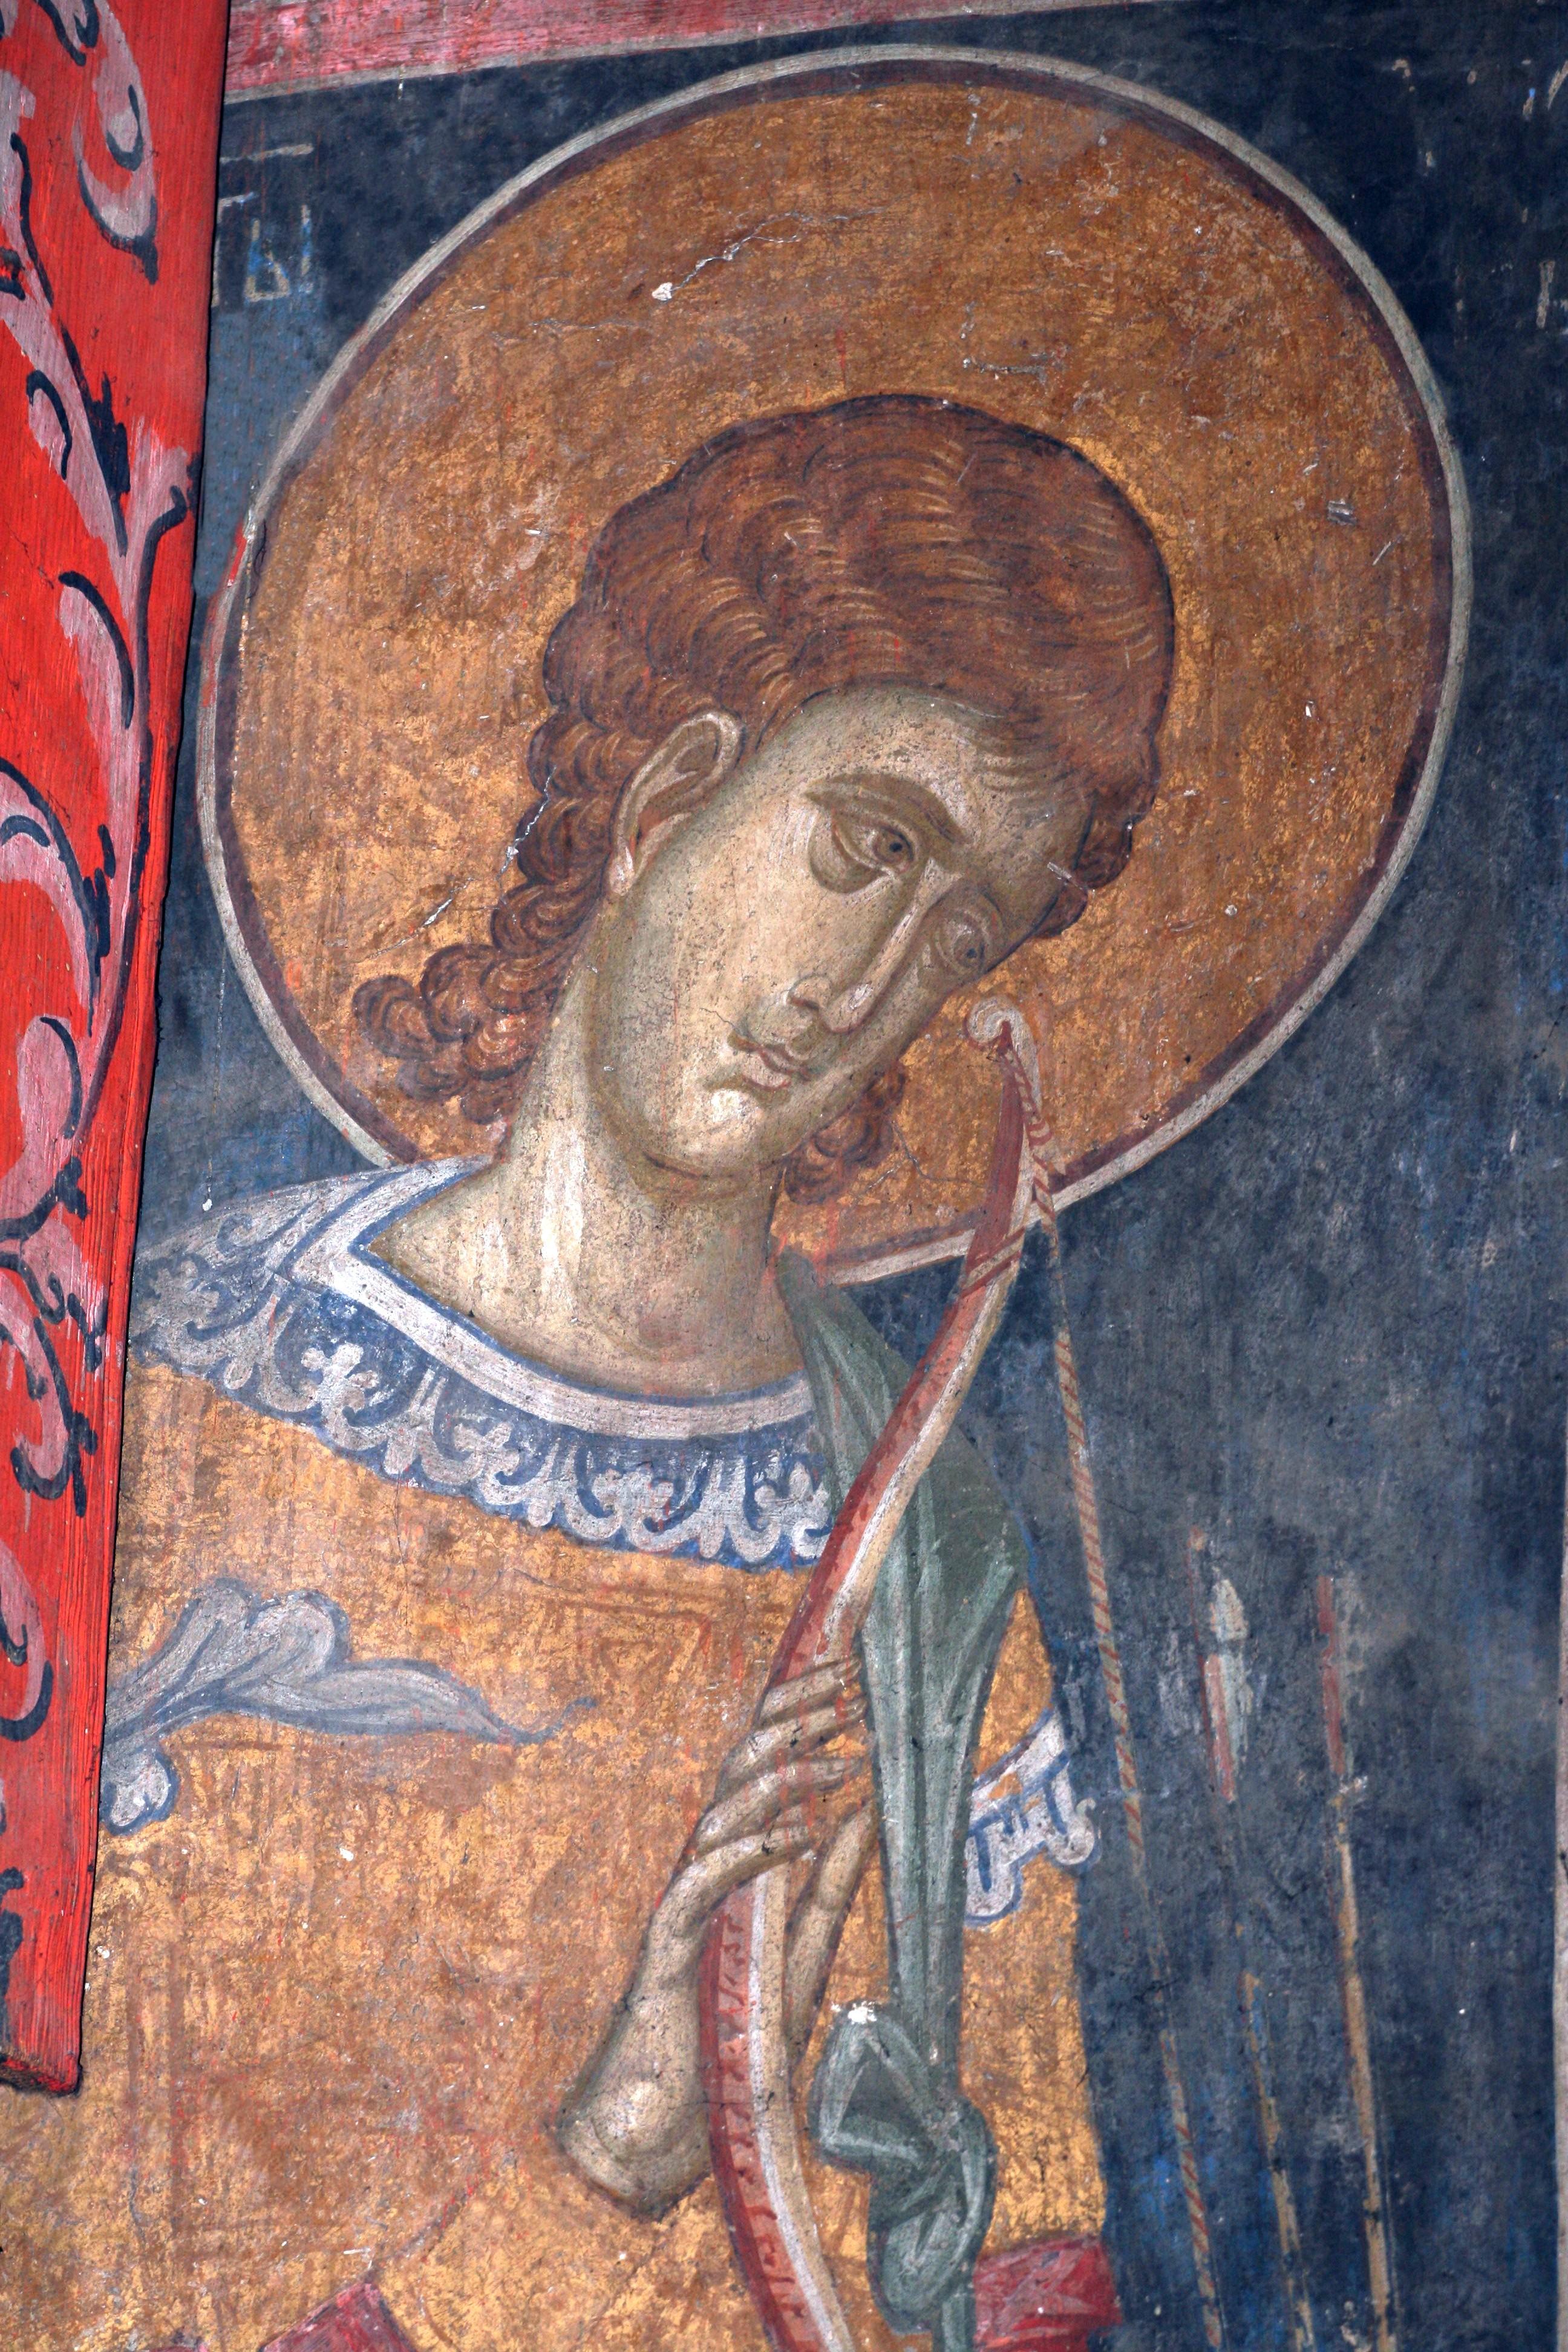 Святой мученик Аникита Никомидийский. Фреска монастыря Высокие Дечаны, Косово, Сербия. Около 1350 года.